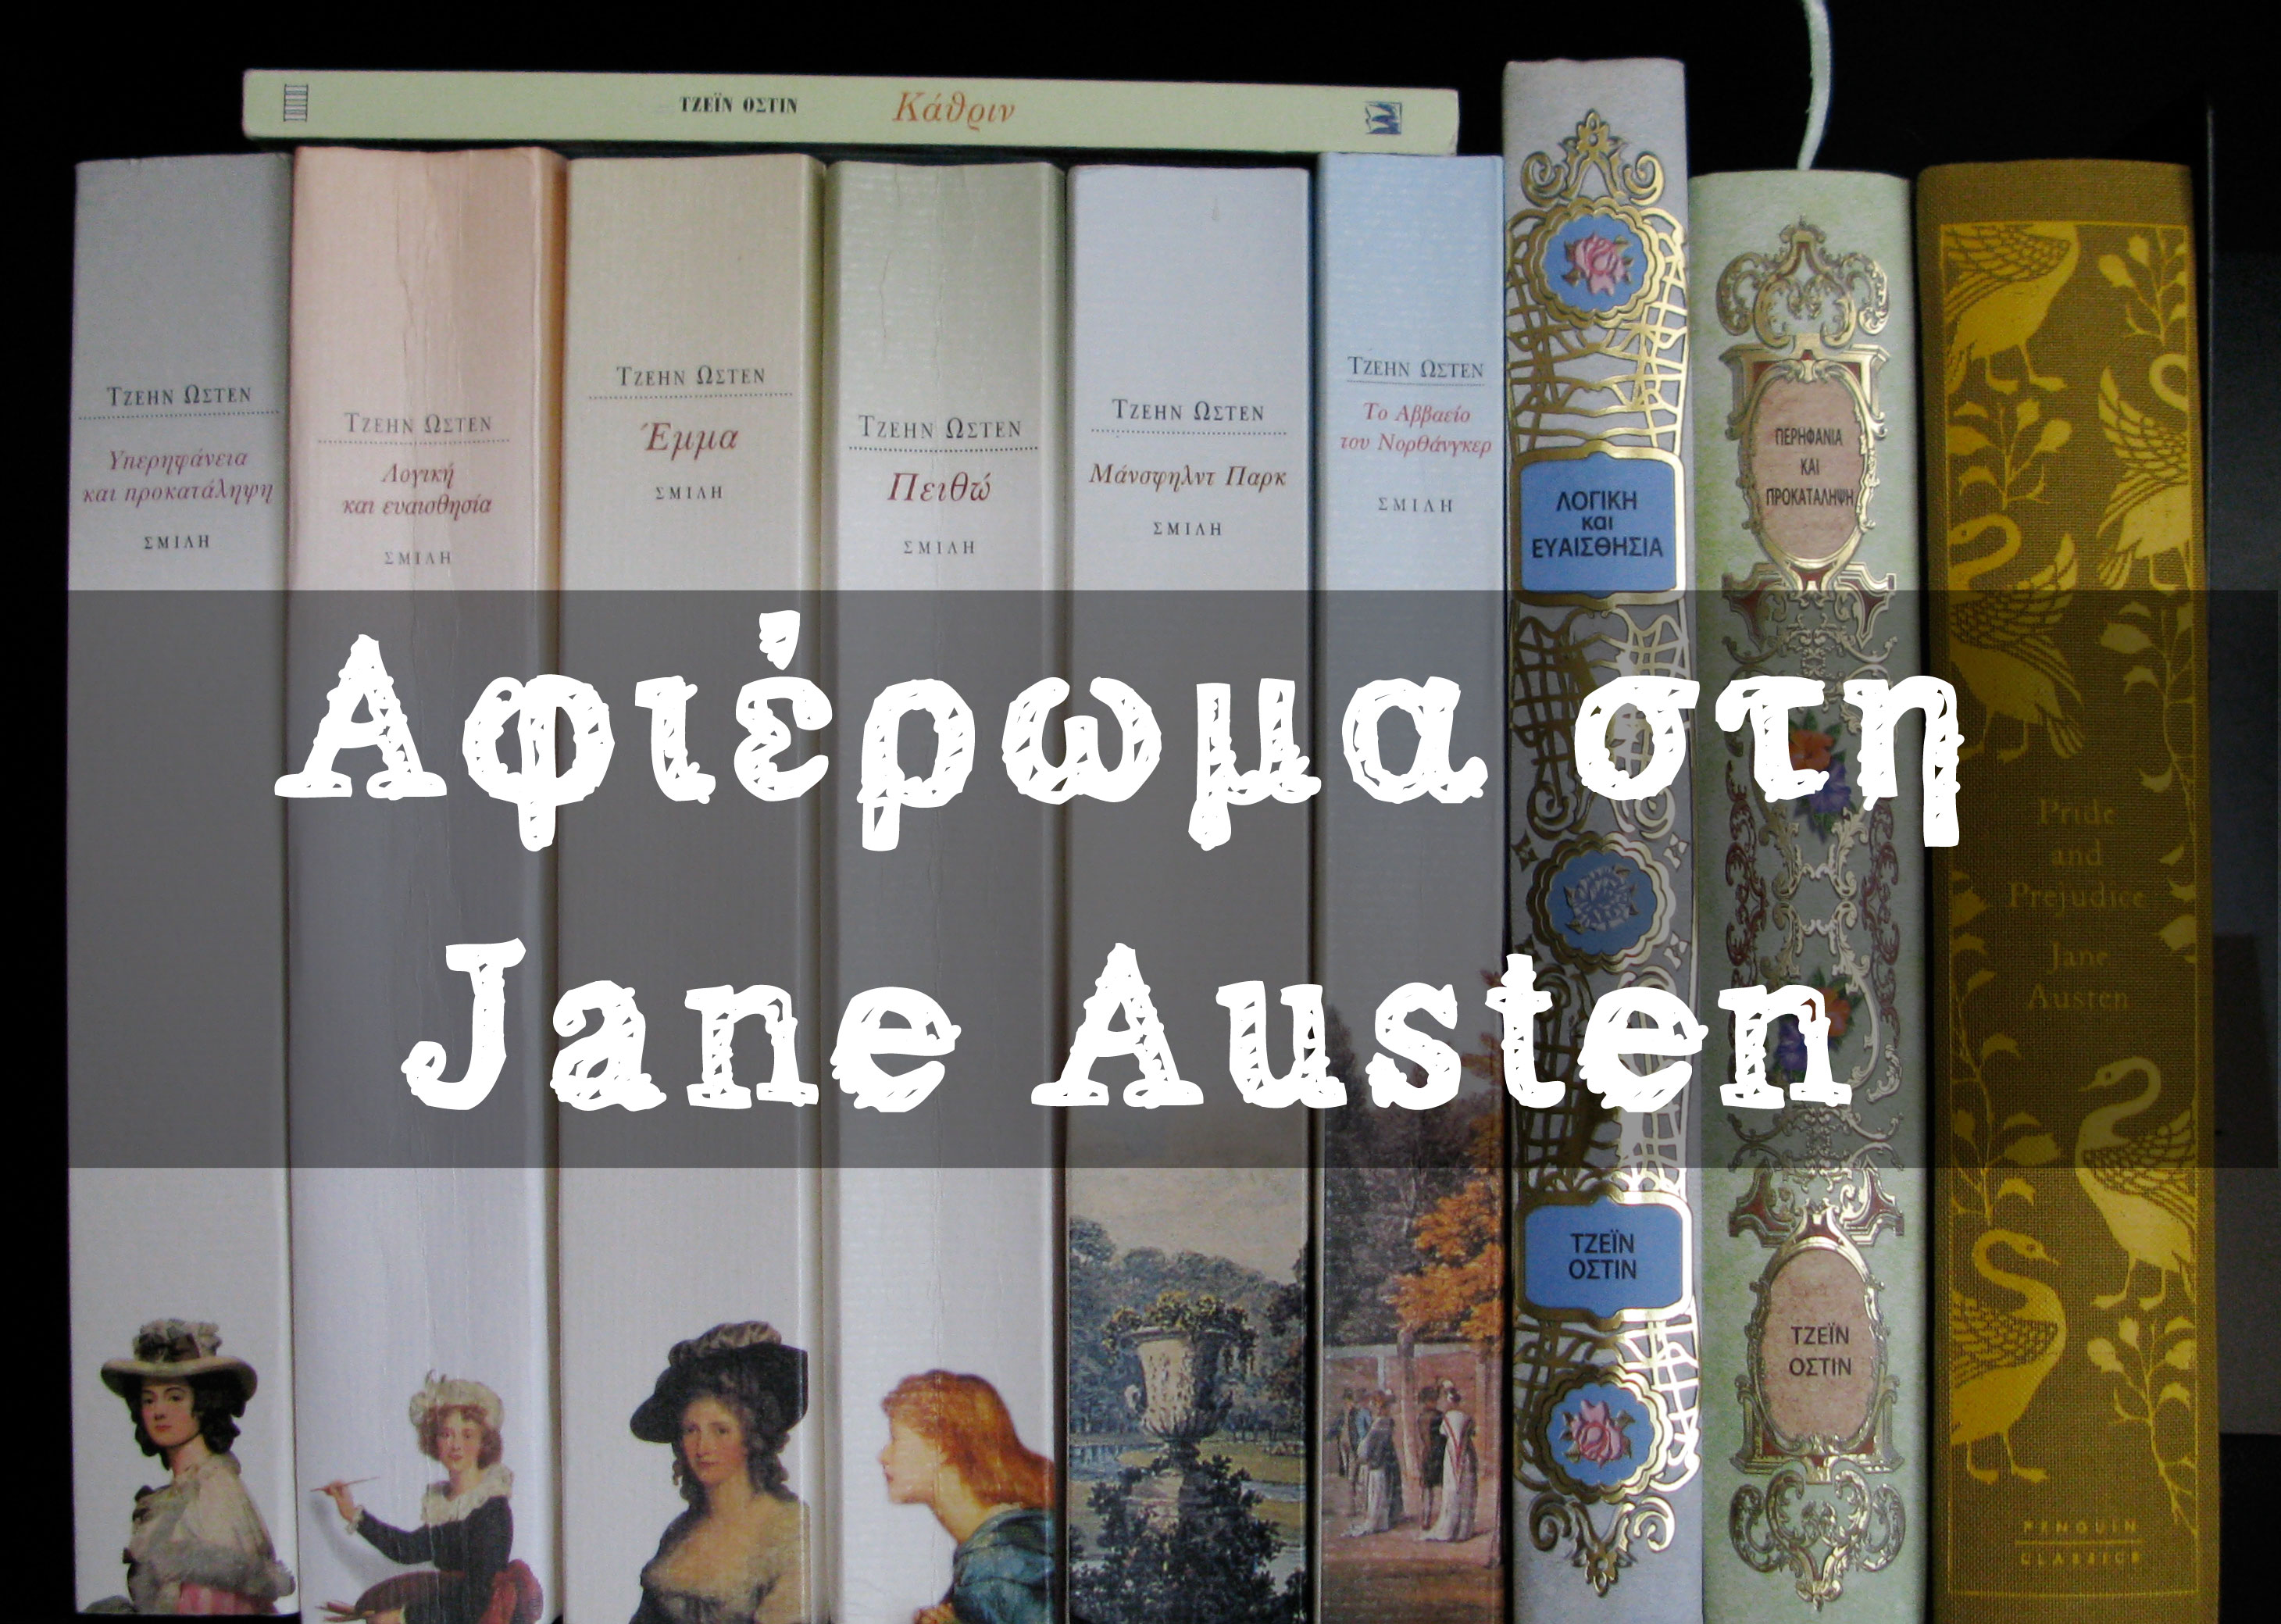 Αφιέρωμα στα βιβλία της Jane Austen -Βιβλιοσκώληκες: ep.12